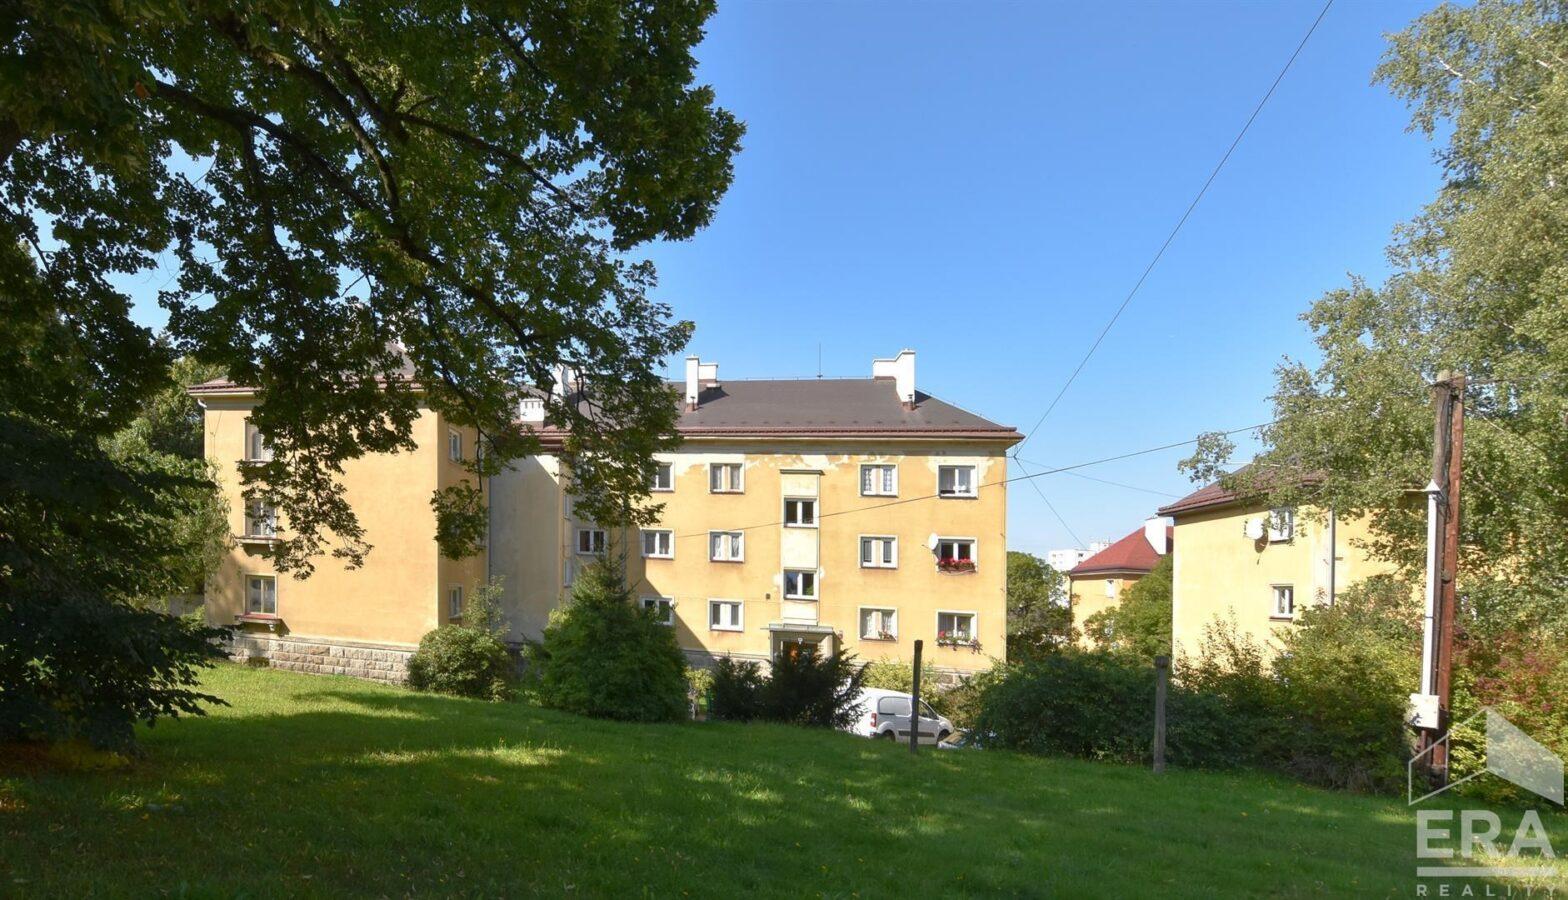 Prodej bytu 2+1 v ulici Opletalova v Jablonci nad Nisou